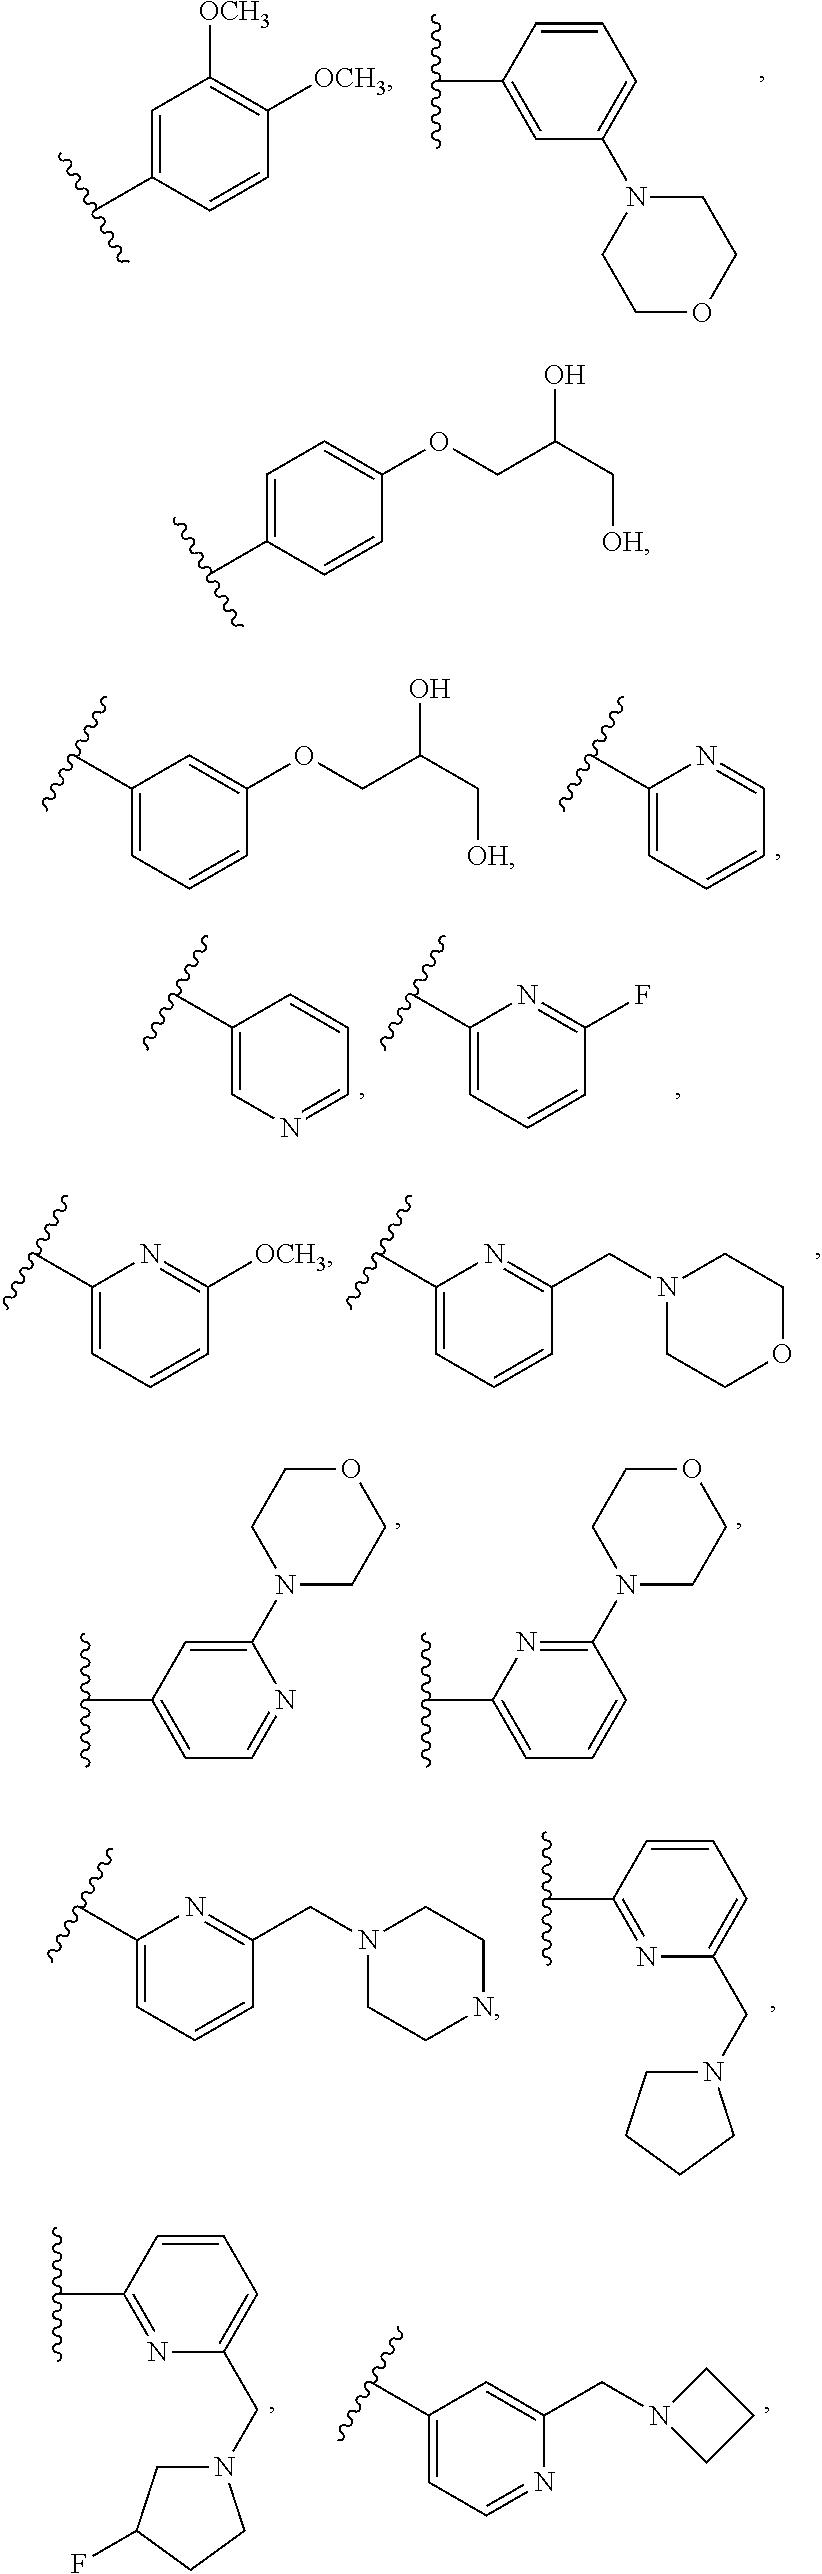 Figure US09326986-20160503-C00364